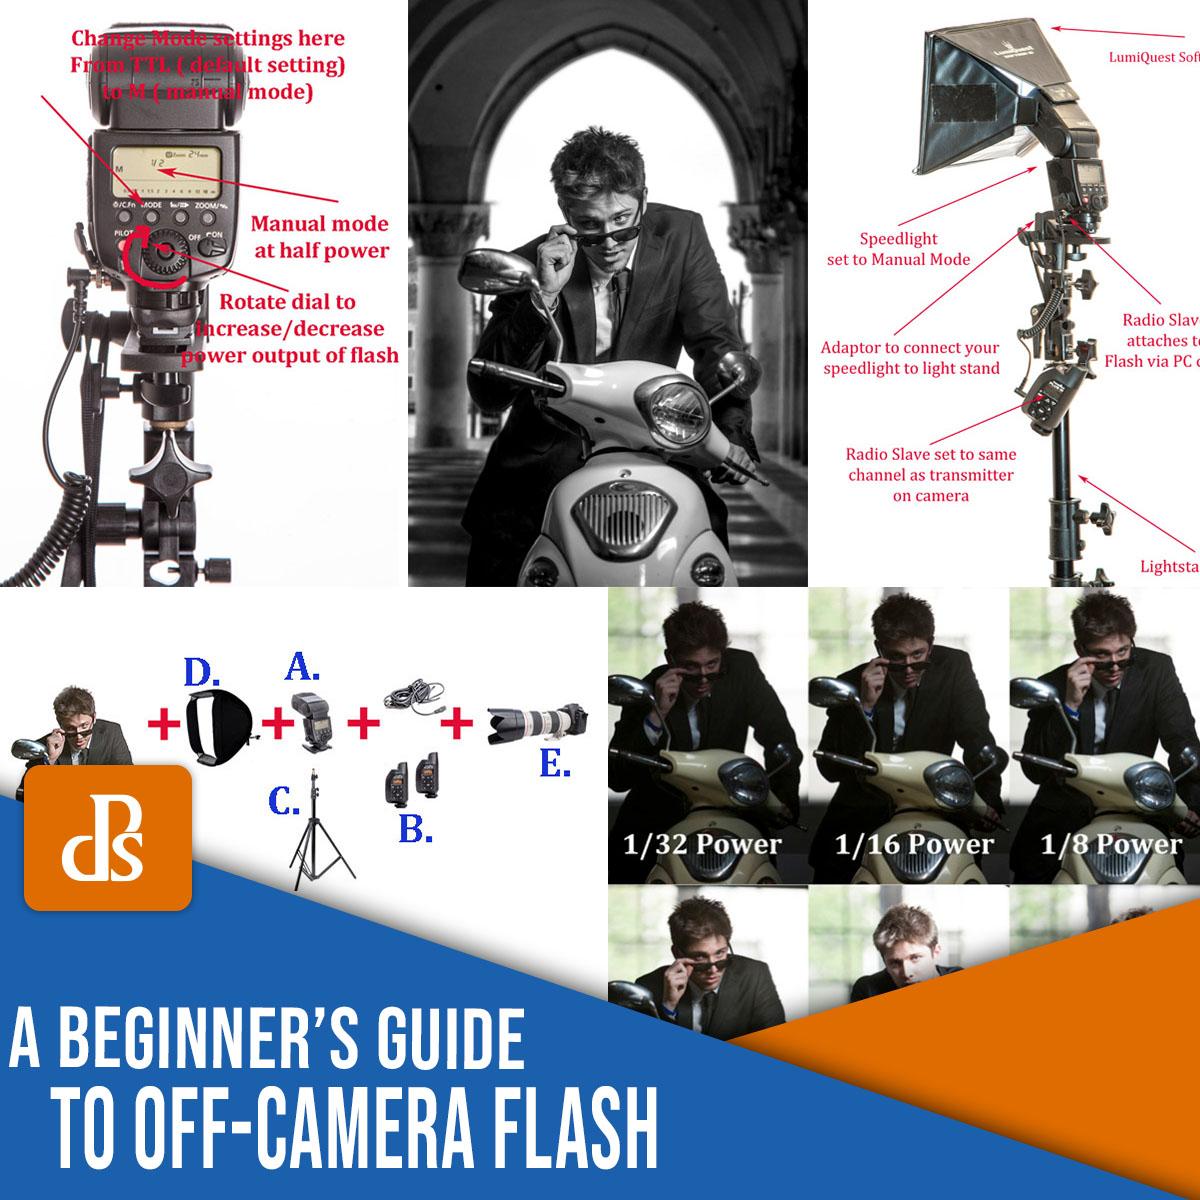 um guia para iniciantes sobre flash fora da câmera